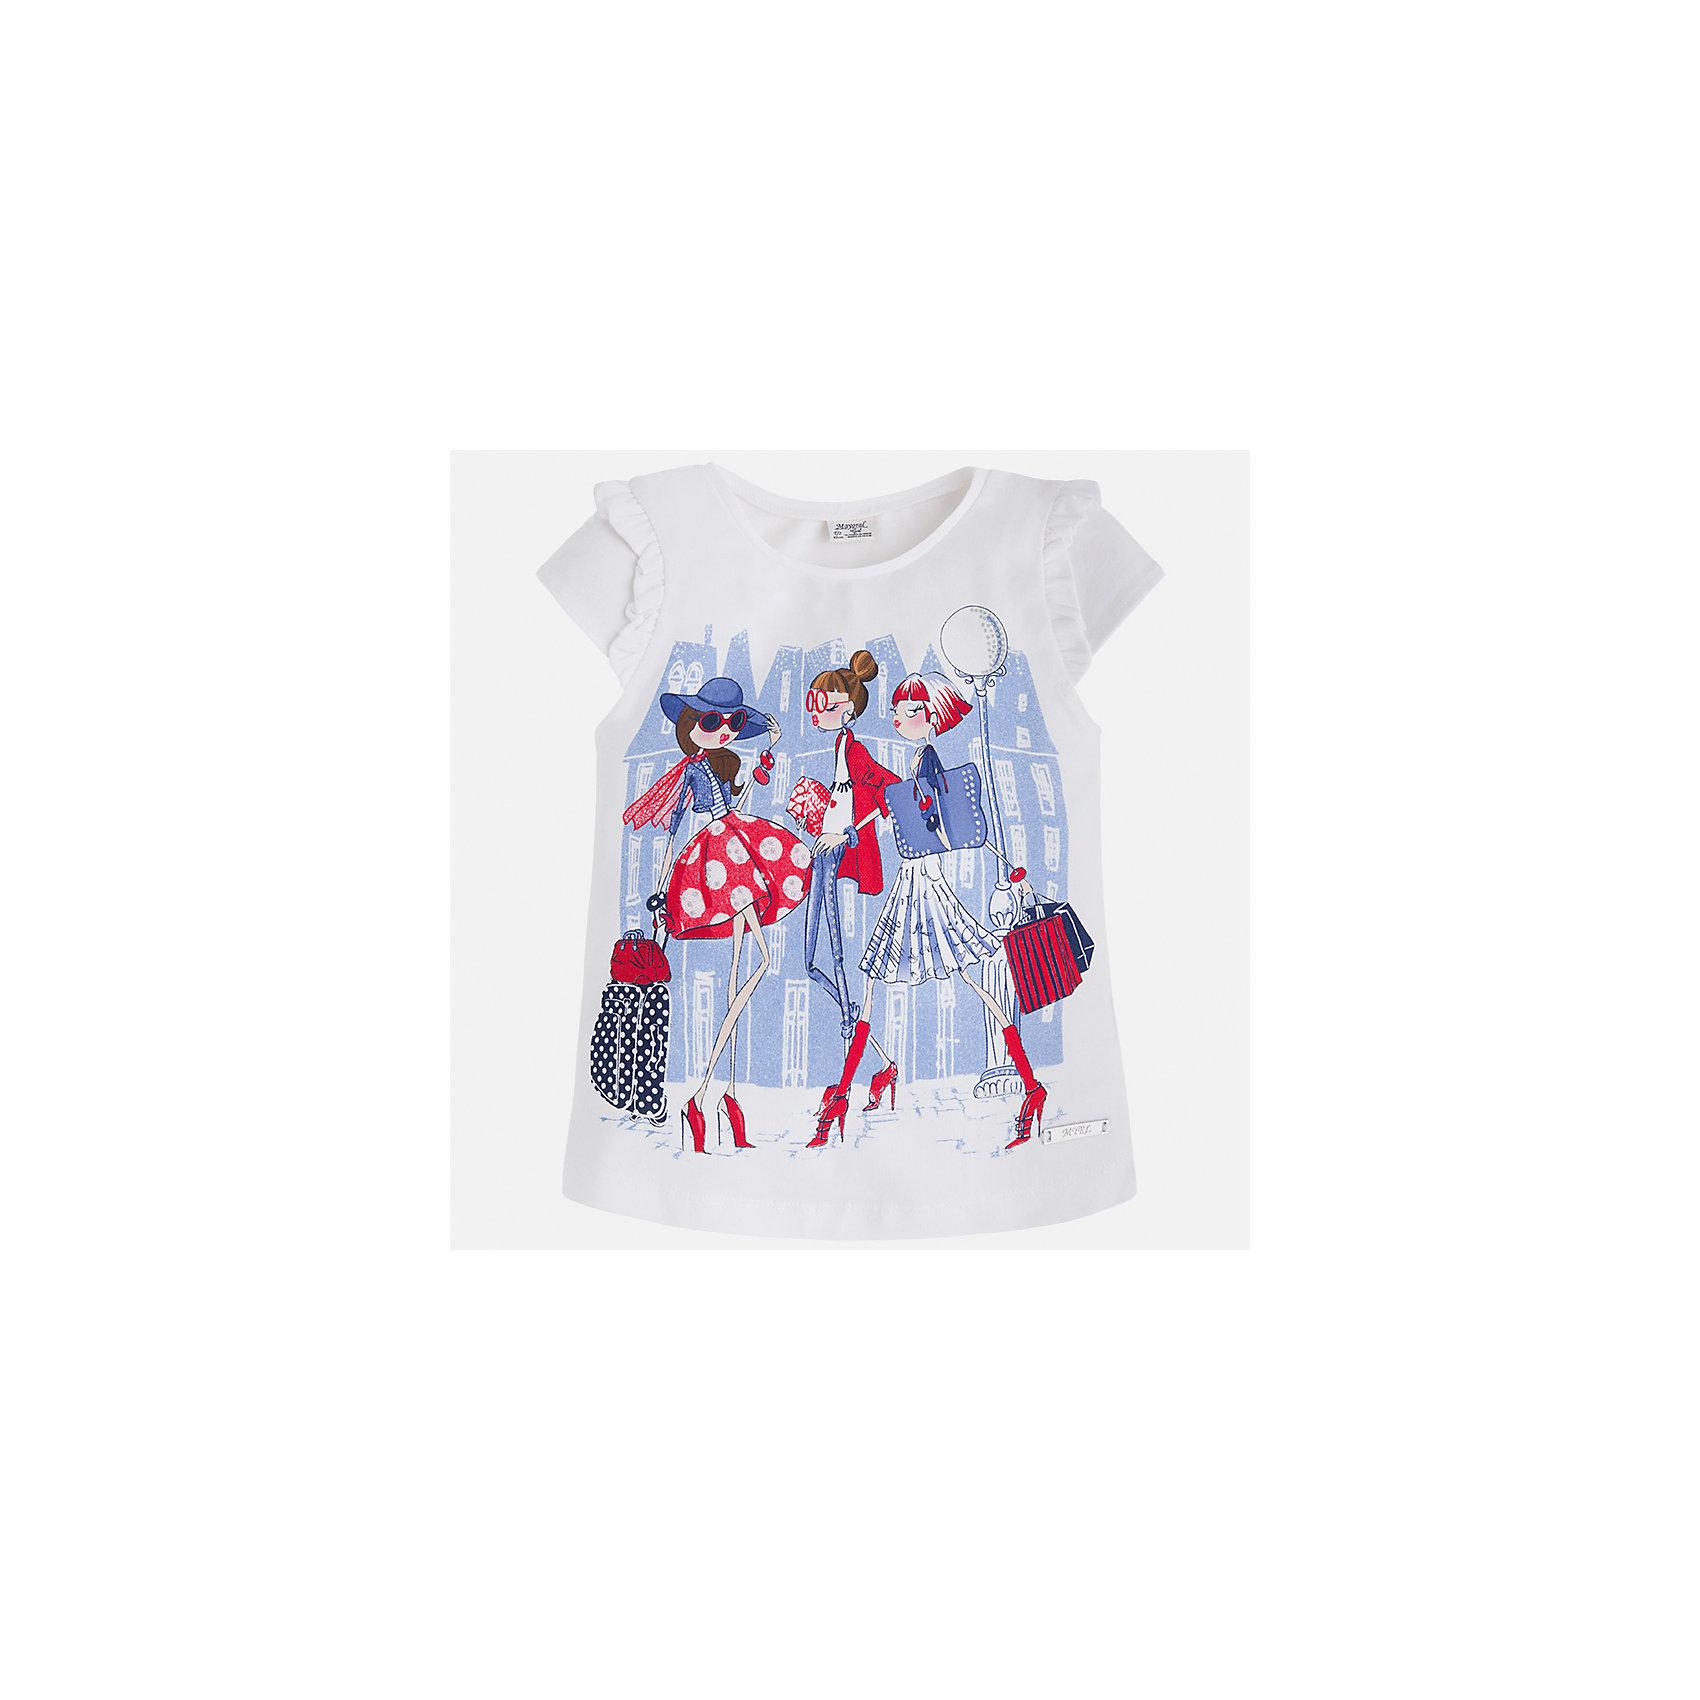 Футболка для девочки MayoralХарактеристики товара:<br><br>• цвет: белый<br>• состав: 98% хлопок, 2% эластан<br>• принт<br>• оборки на рукавах<br>• короткие рукава<br>• округлый горловой вырез<br>• страна бренда: Испания<br><br>Стильная качественная футболка для девочки поможет разнообразить гардероб ребенка и украсить наряд. Она отлично сочетается и с юбками, и с шортами, и с брюками. Универсальный цвет позволяет подобрать к вещи низ практически любой расцветки. Интересная отделка модели делает её нарядной и оригинальной. В составе ткани преобладает натуральный хлопок, гипоаллергенный, приятный на ощупь, дышащий.<br><br>Одежда, обувь и аксессуары от испанского бренда Mayoral полюбились детям и взрослым по всему миру. Модели этой марки - стильные и удобные. Для их производства используются только безопасные, качественные материалы и фурнитура. Порадуйте ребенка модными и красивыми вещами от Mayoral! <br><br>Футболку для девочки от испанского бренда Mayoral (Майорал) можно купить в нашем интернет-магазине.<br><br>Ширина мм: 199<br>Глубина мм: 10<br>Высота мм: 161<br>Вес г: 151<br>Цвет: красный<br>Возраст от месяцев: 96<br>Возраст до месяцев: 108<br>Пол: Женский<br>Возраст: Детский<br>Размер: 134,92,98,104,110,116,122,128<br>SKU: 5289307